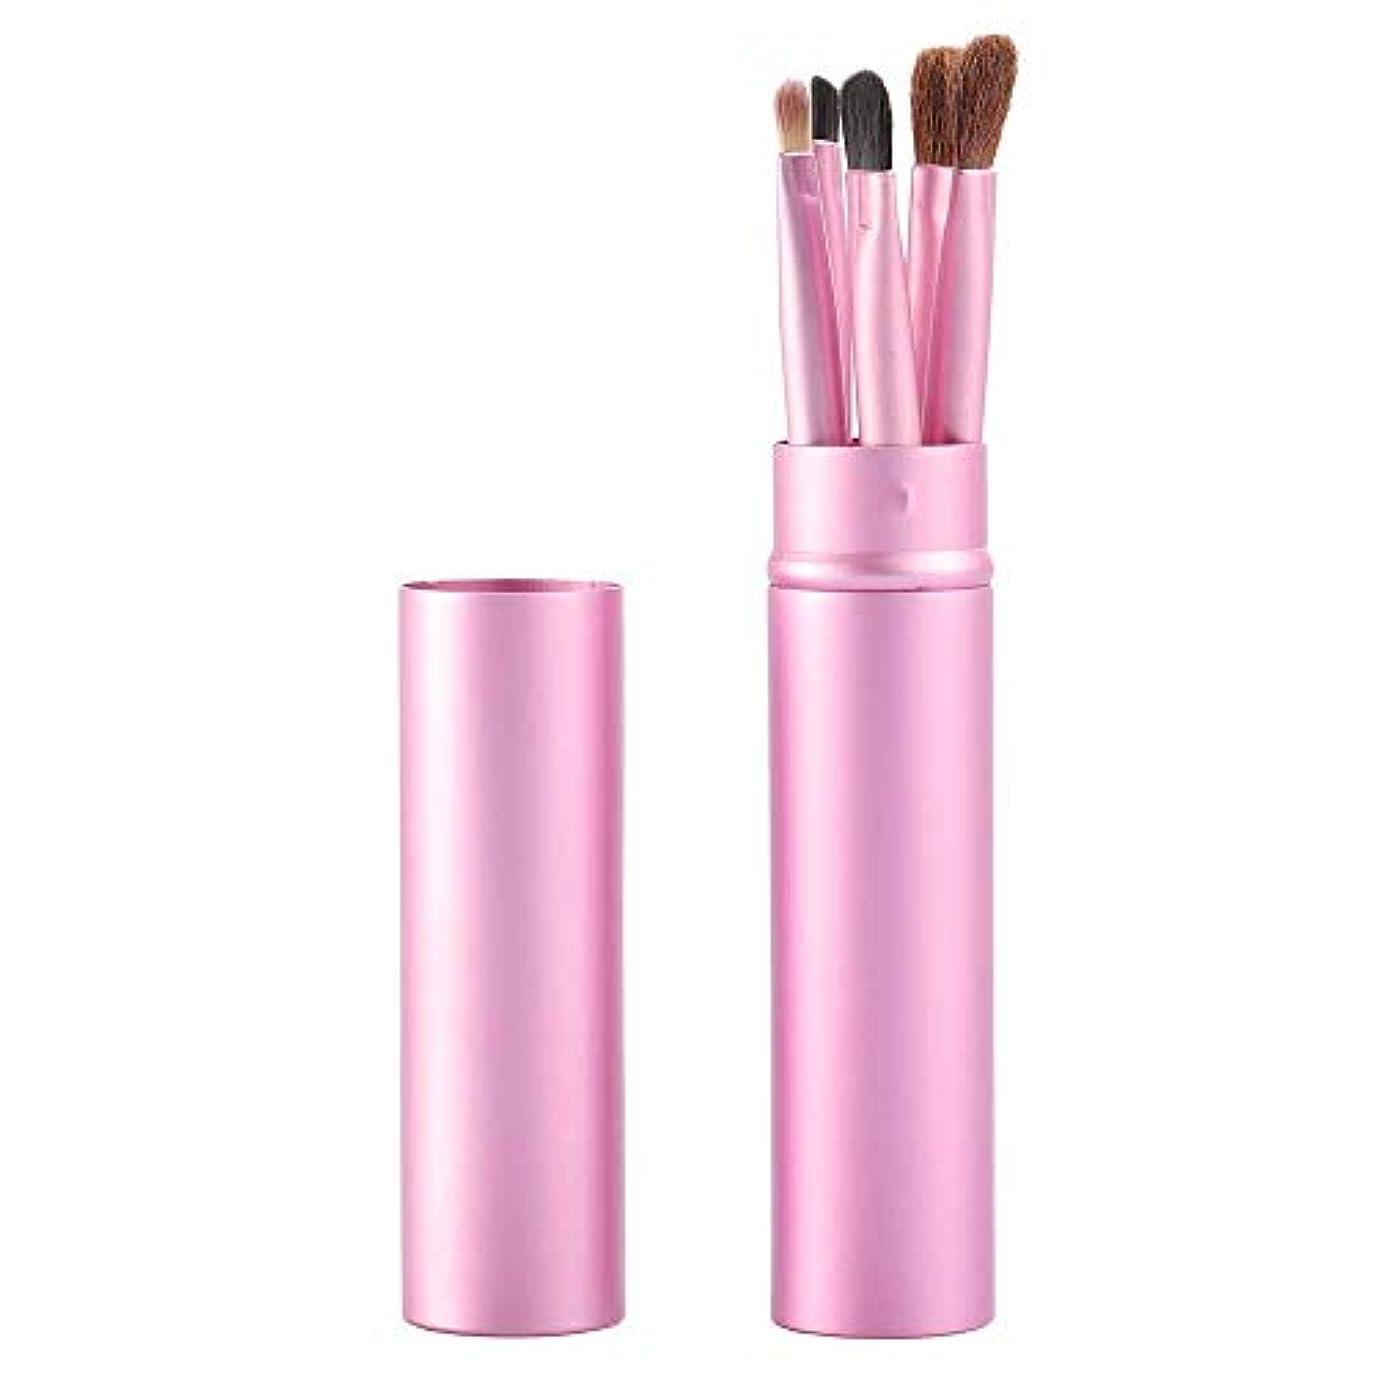 コウモリ生態学ボートMakeup brushes ピンク、アイメイクブラシセットブラシ5アイブラシ化粧ペン美容化粧道具で保護チューブ保護 suits (Color : Pink Blue)